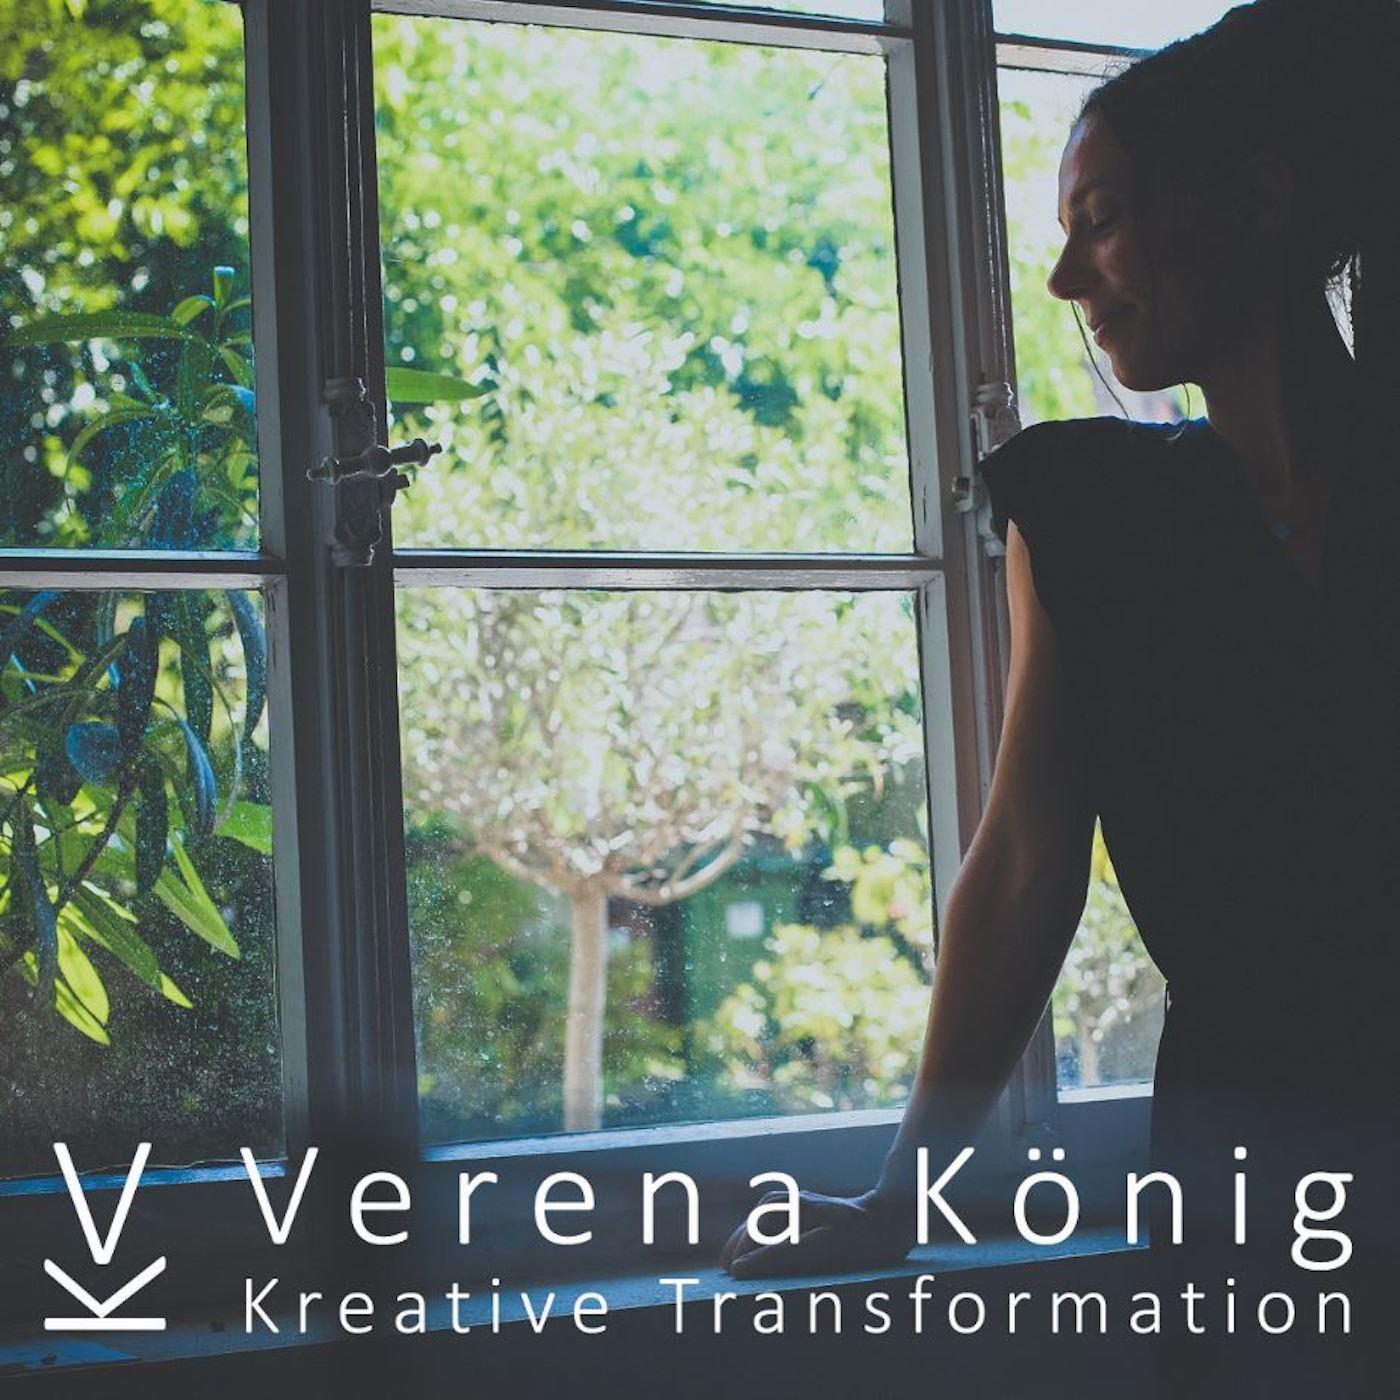 Verena König Podcast für Kreative Transformation show art